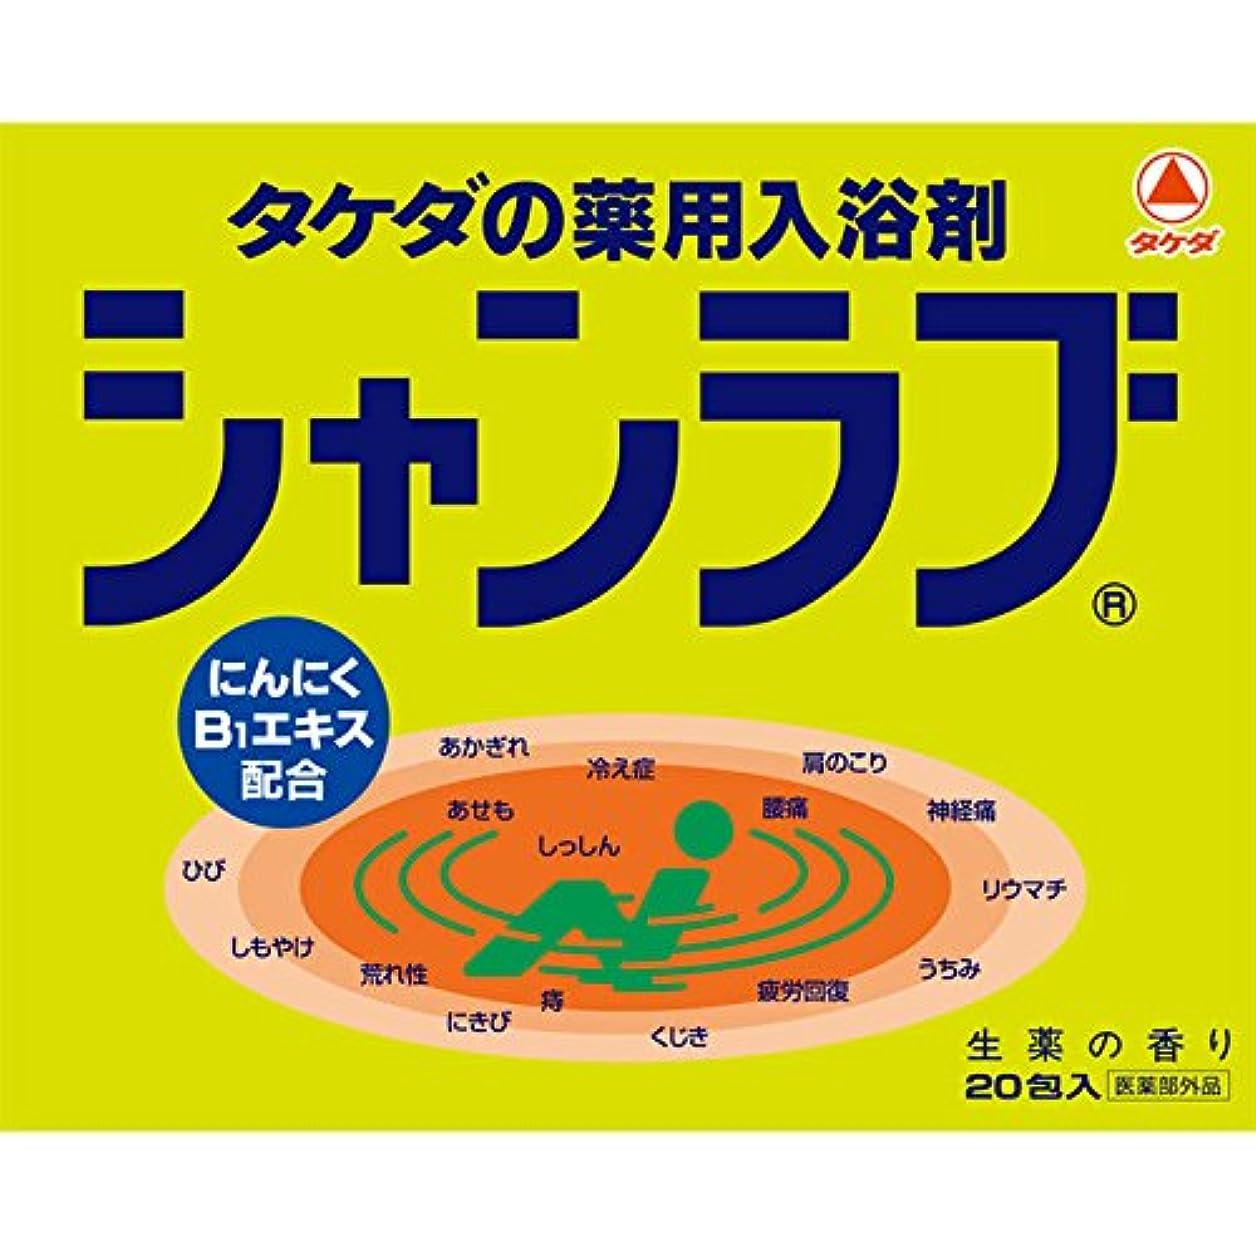 ずらすコマンド石化する武田薬品工業 シャンラブ 20包(医薬部外品)